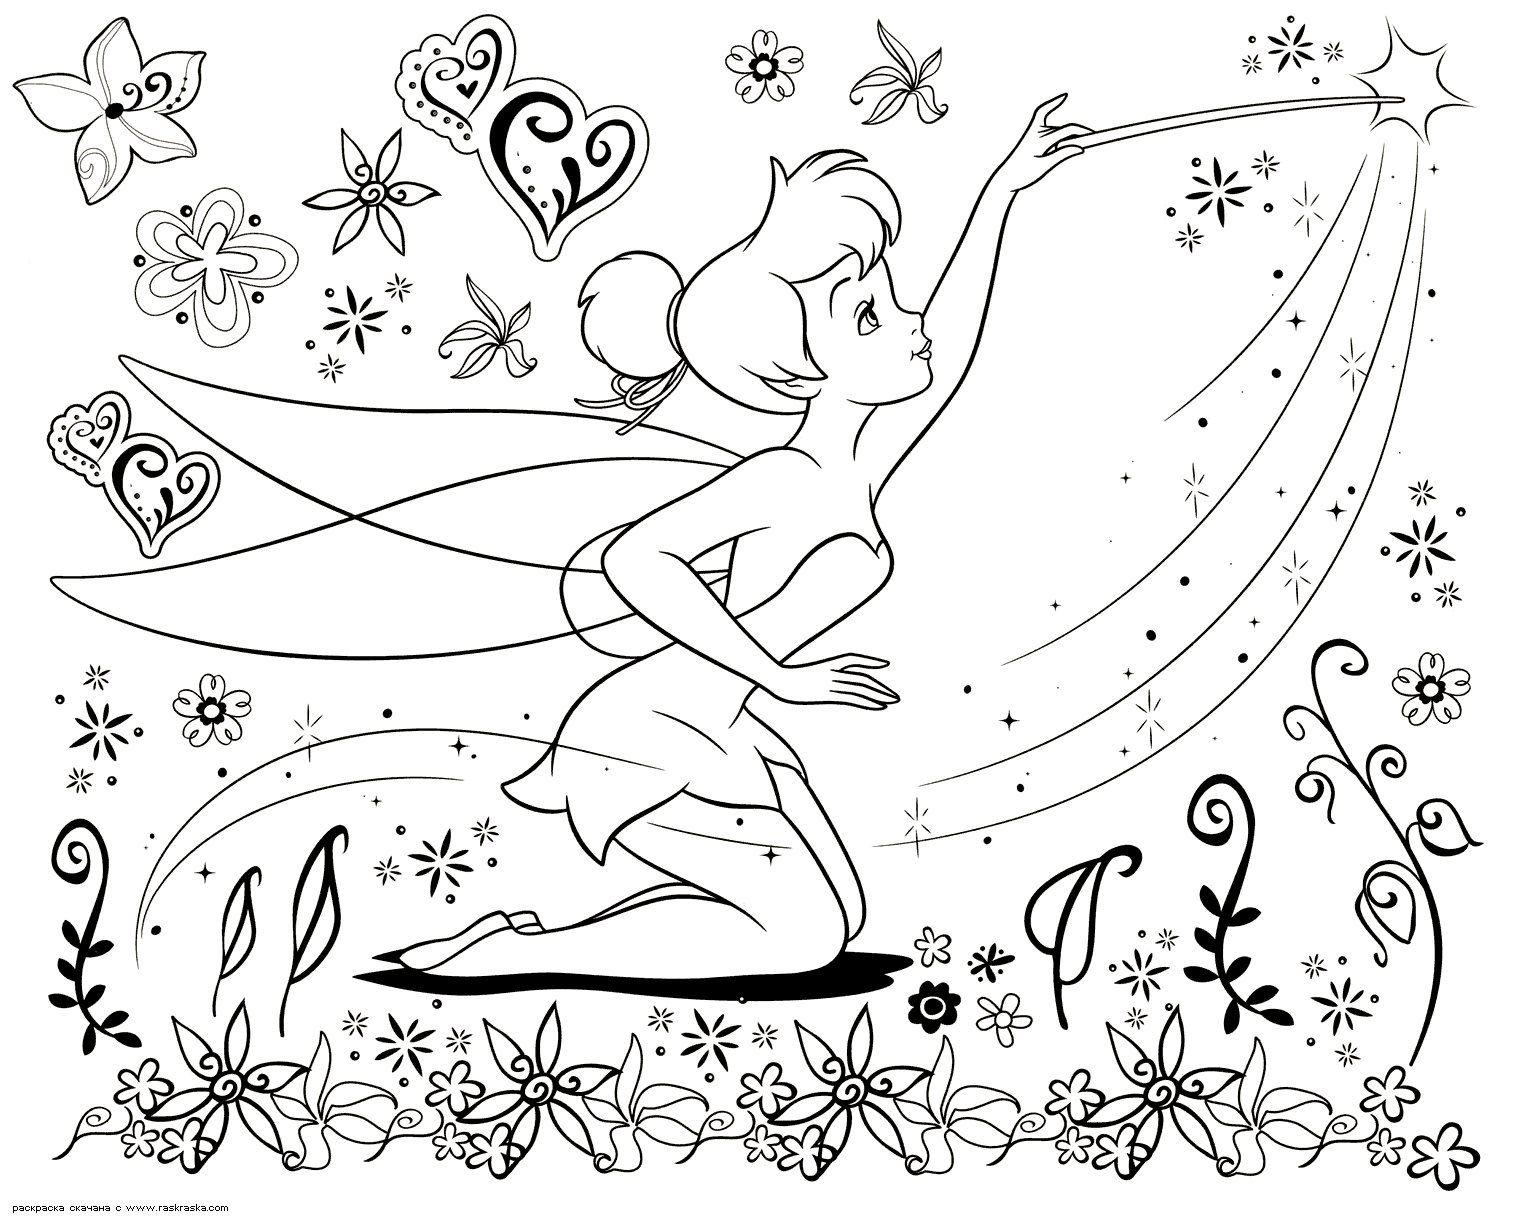 kleurplaat tinkerbell - Google zoeken  Fairy coloring pages